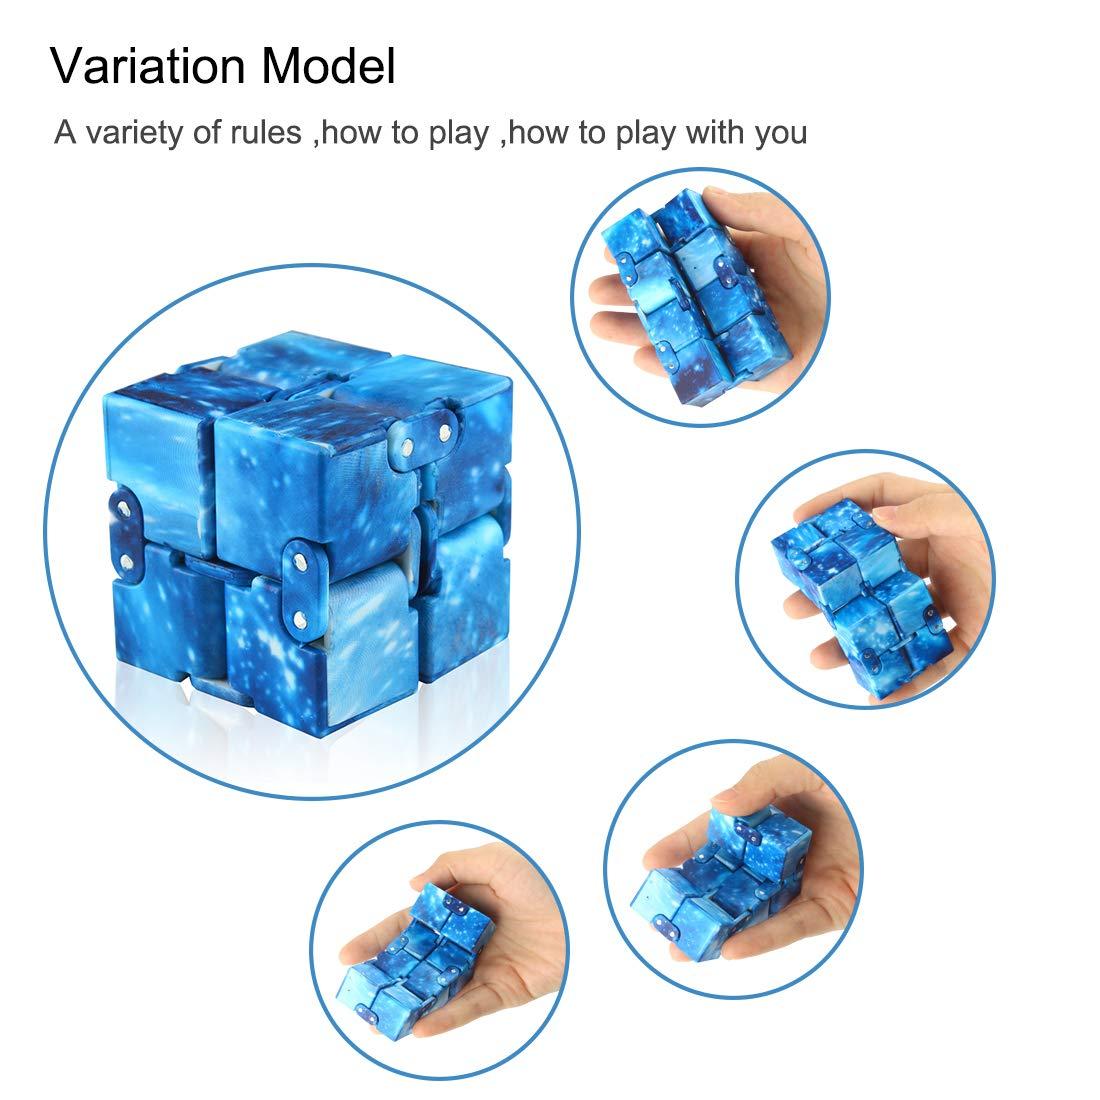 Andux Infinity Cube Fidget Jouet Stress Réducteurs Drôle Doigt Jouets JYMF-01 #10